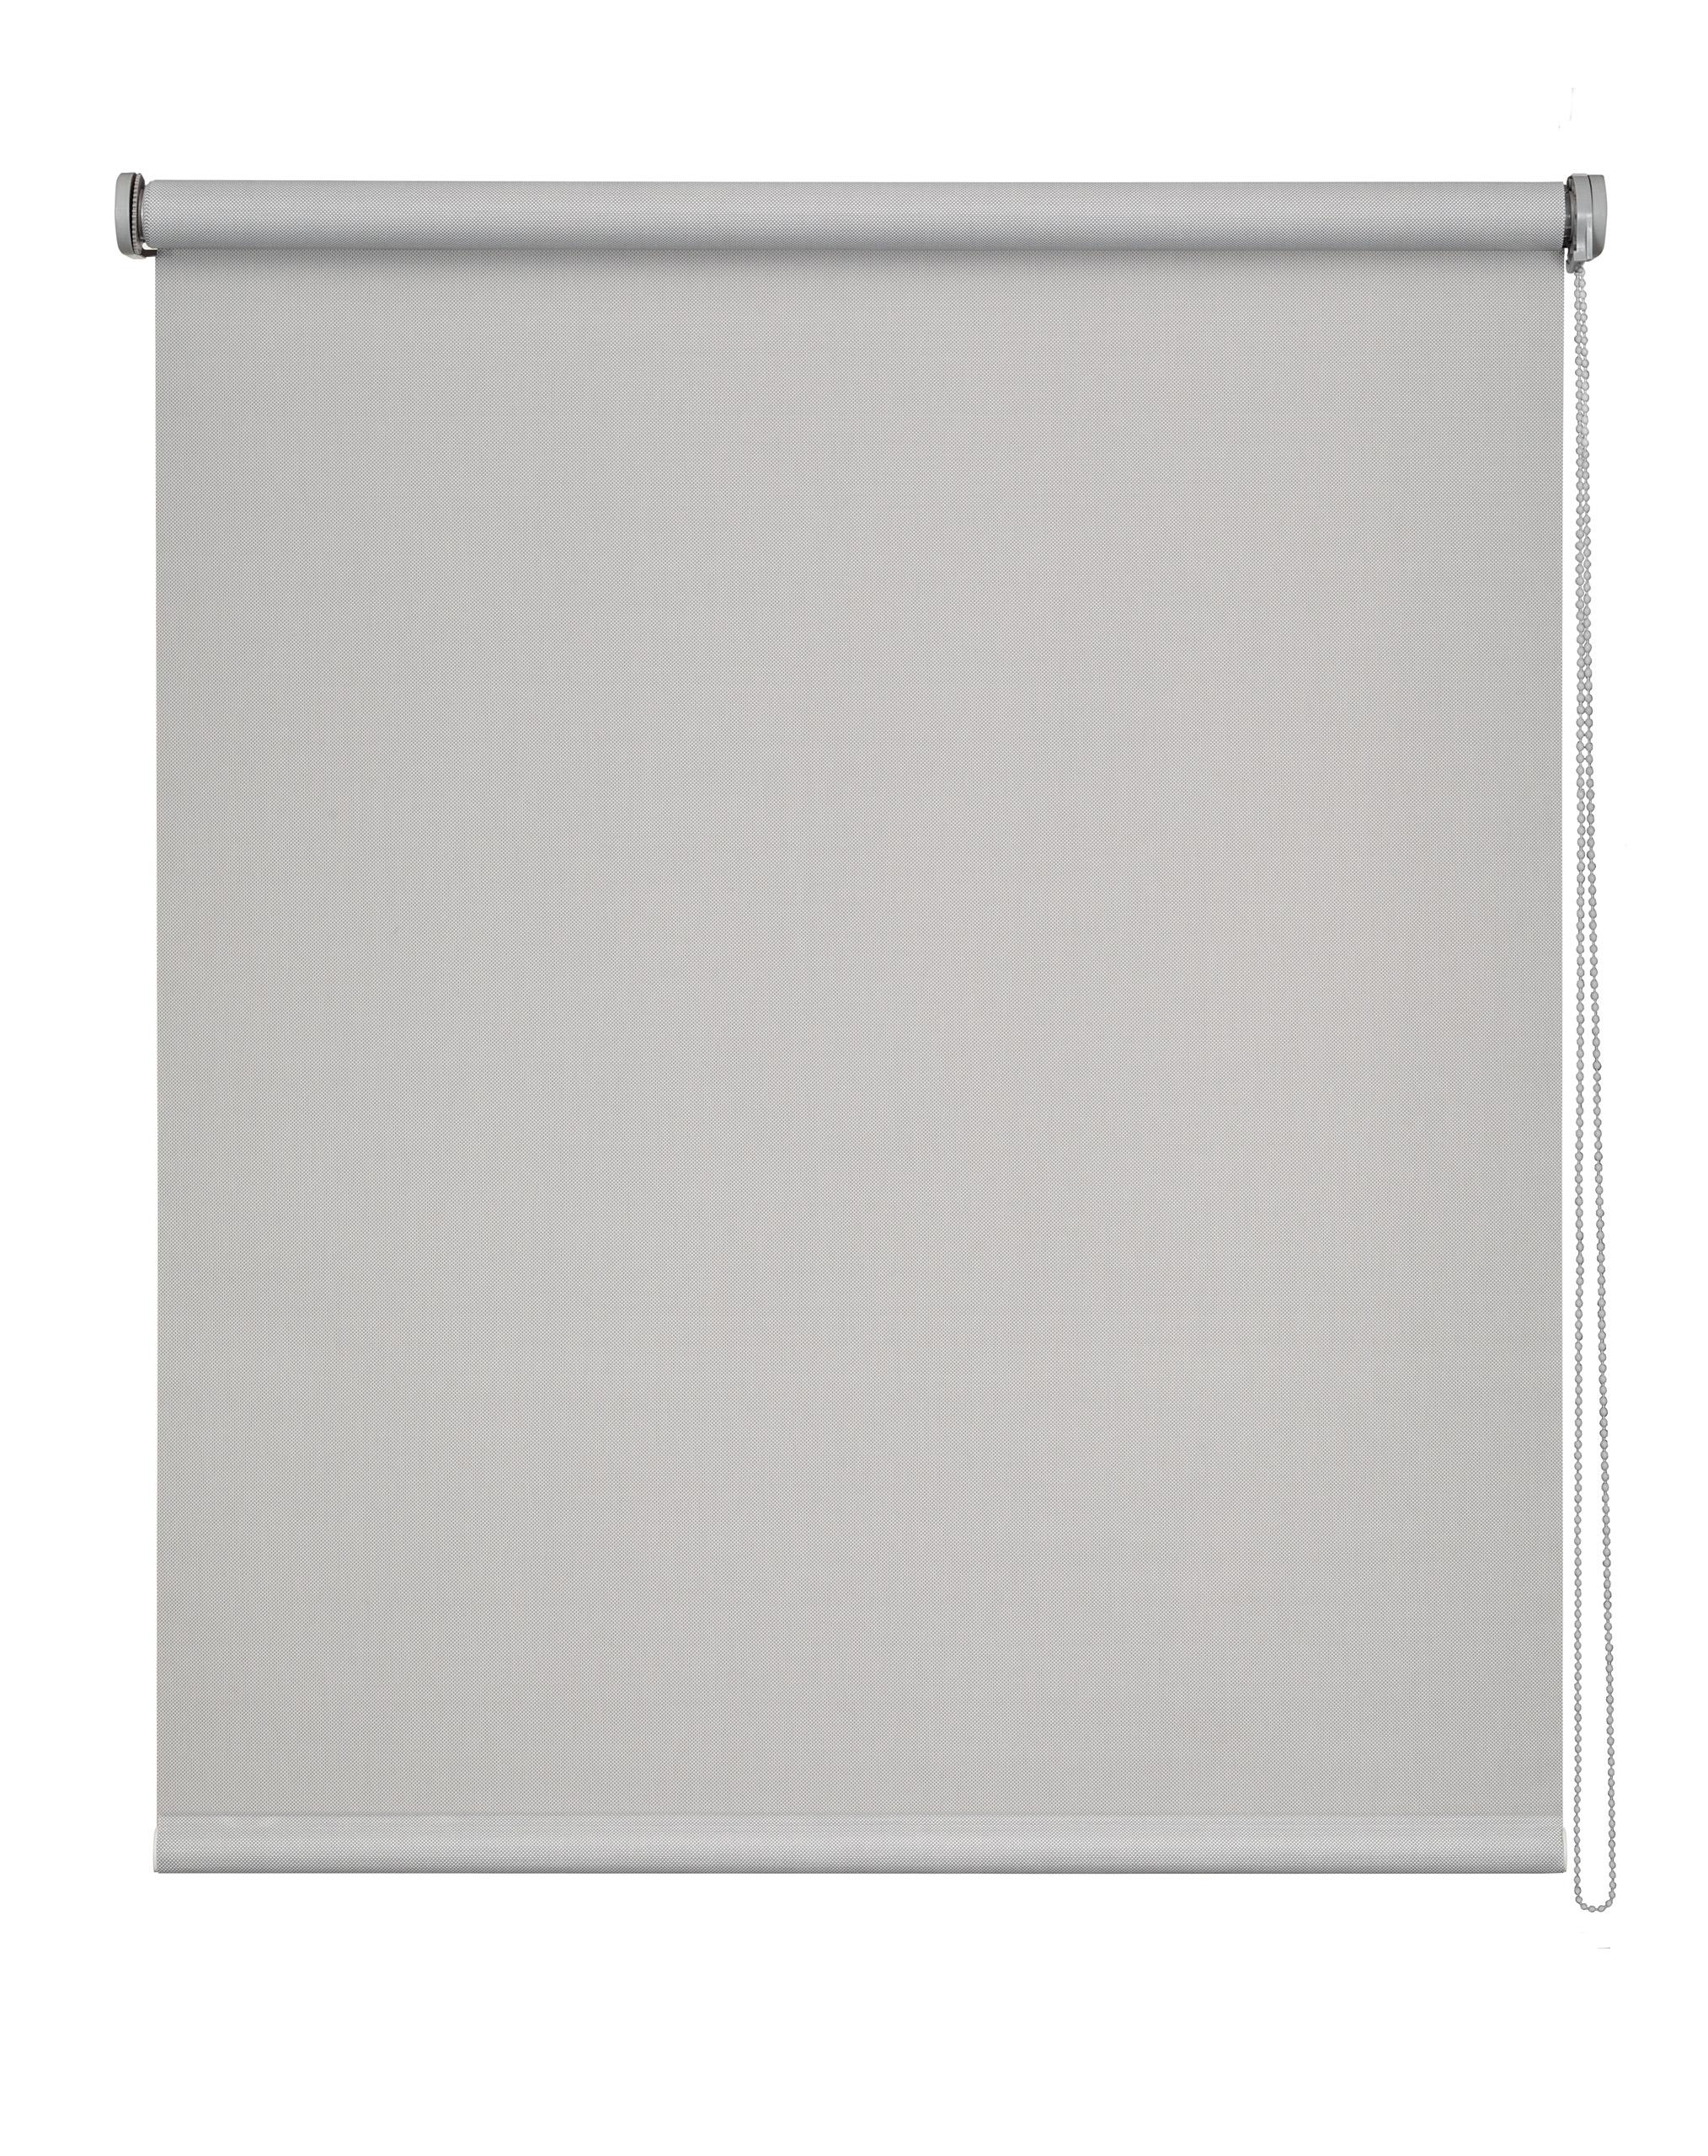 Store Enrouleur voile Screen - Beige - 180 x 250 cm